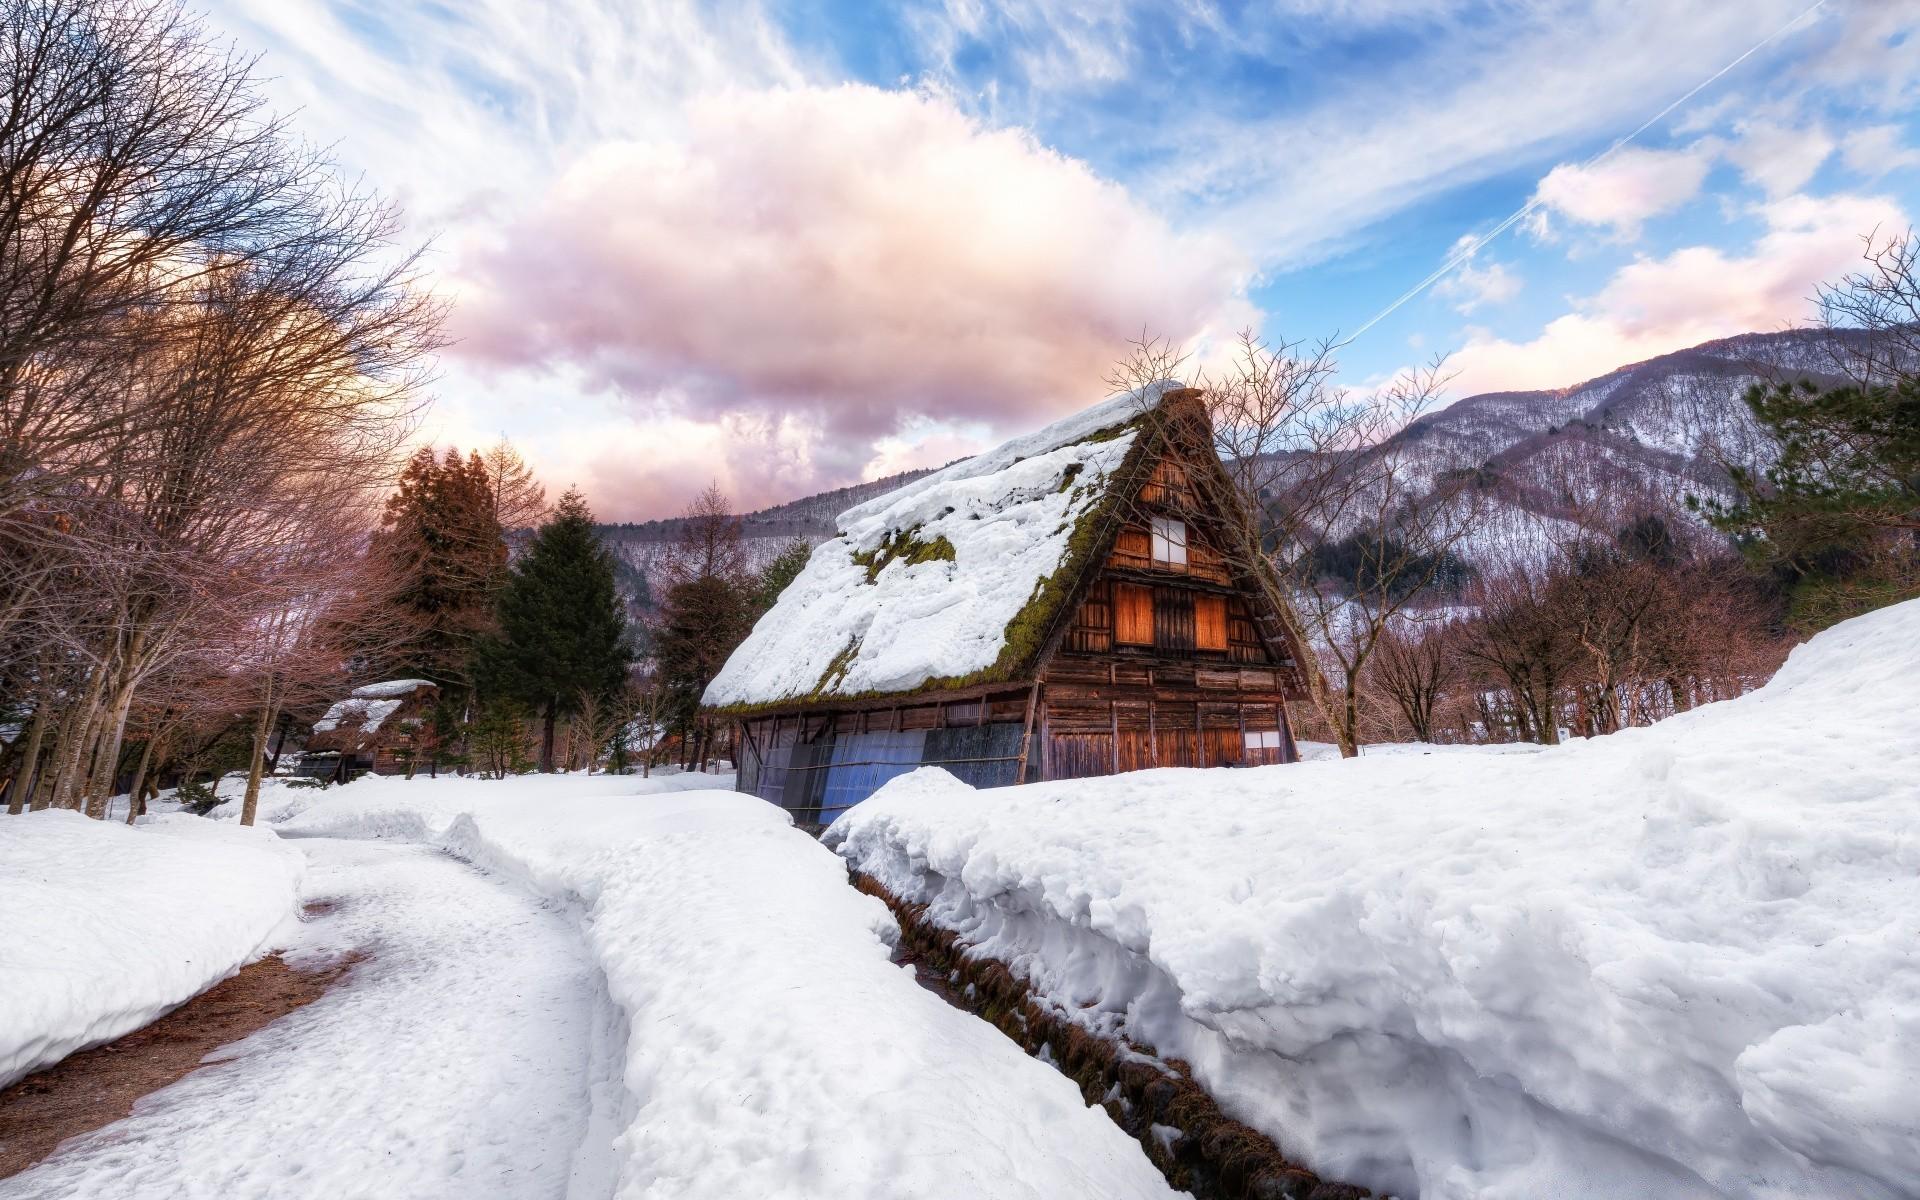 обои на рабочий стол русская зима в деревне дома его была